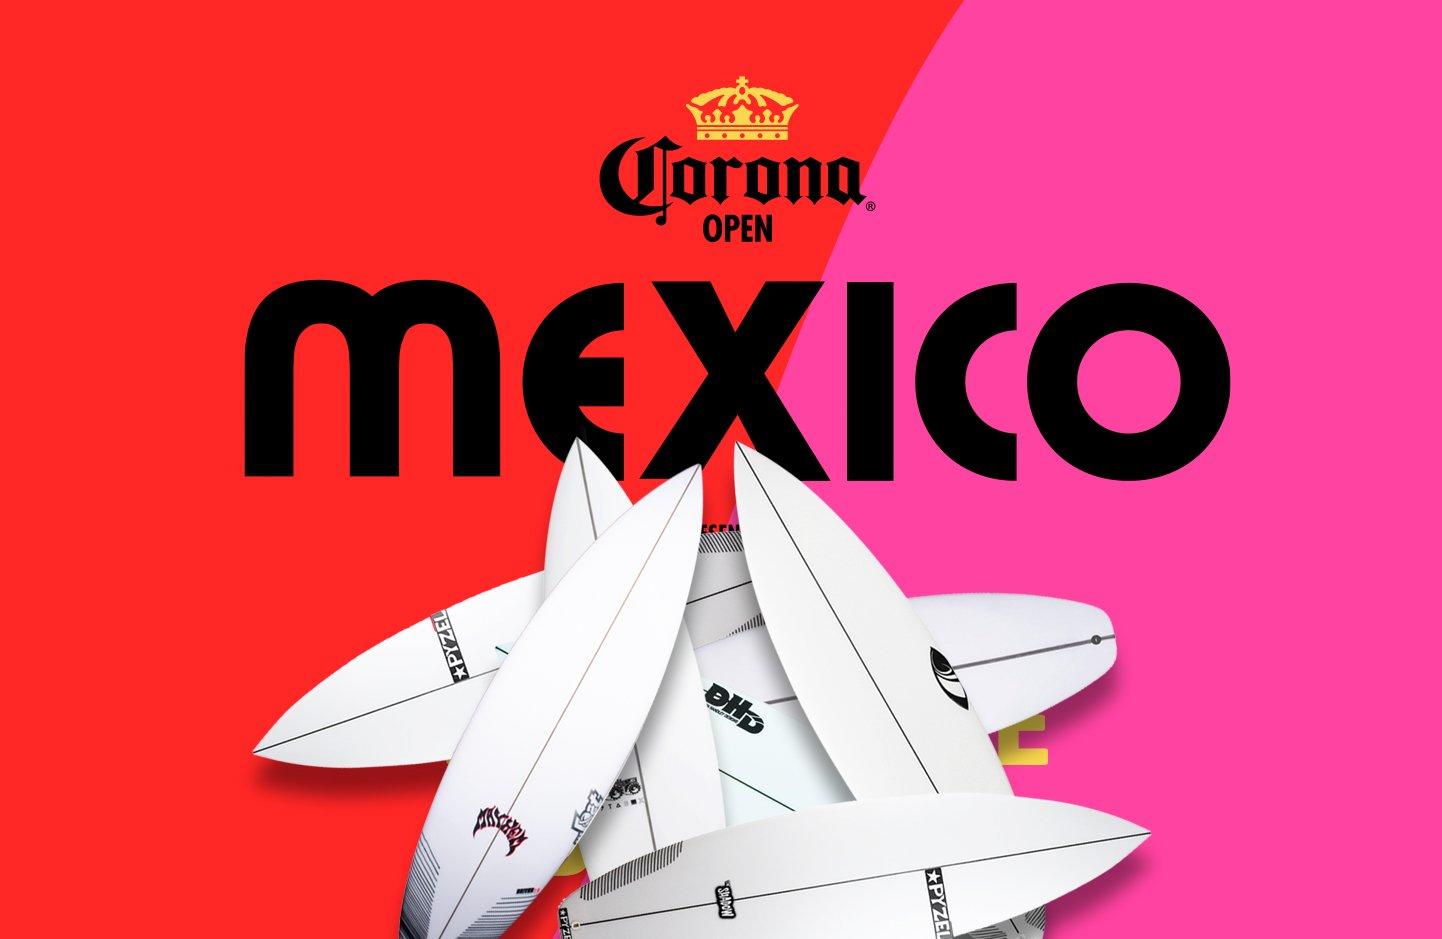 Corona Mexico Open WSL